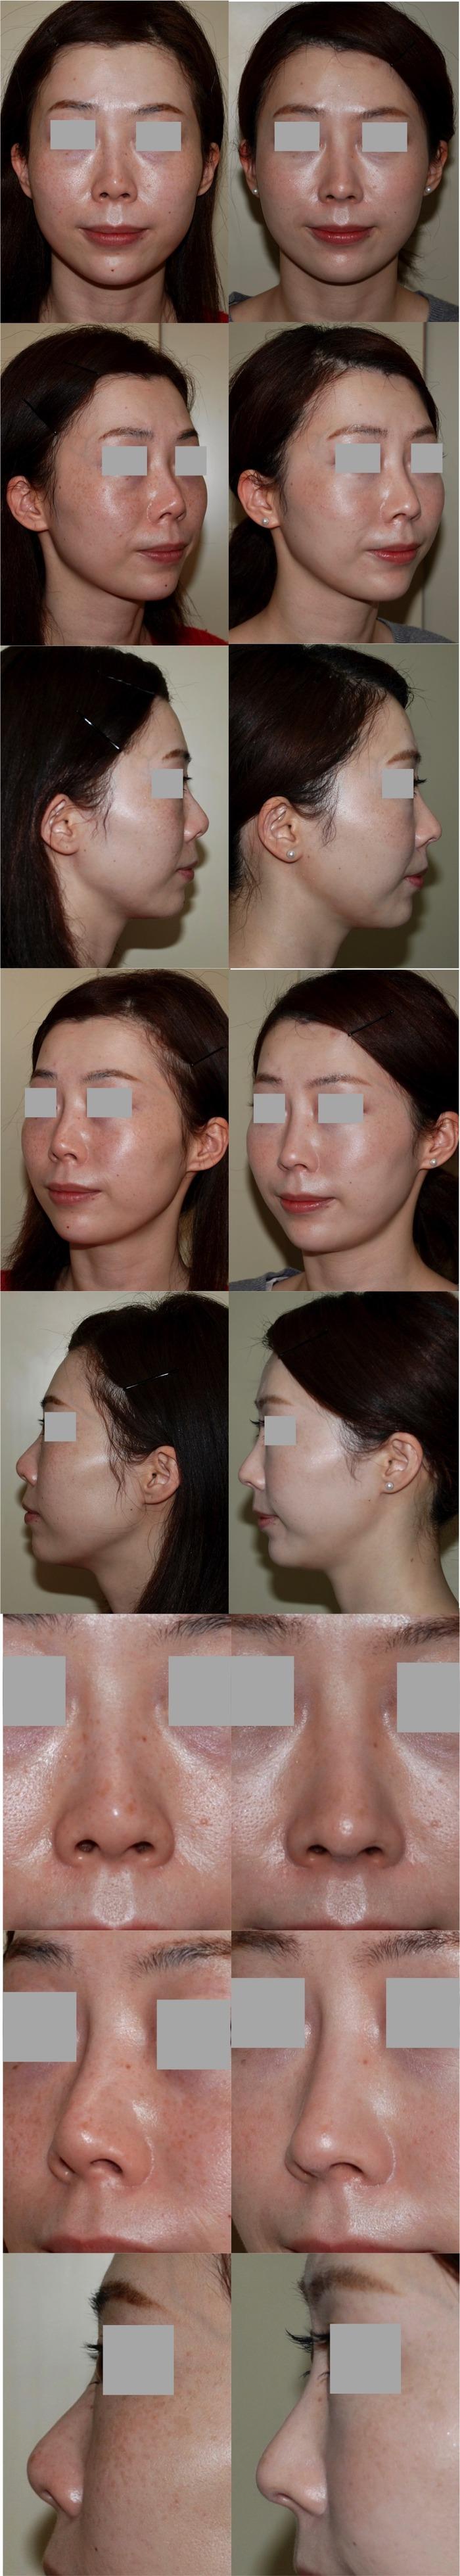 鼻中隔延長 隆鼻術 術後3ヶ月